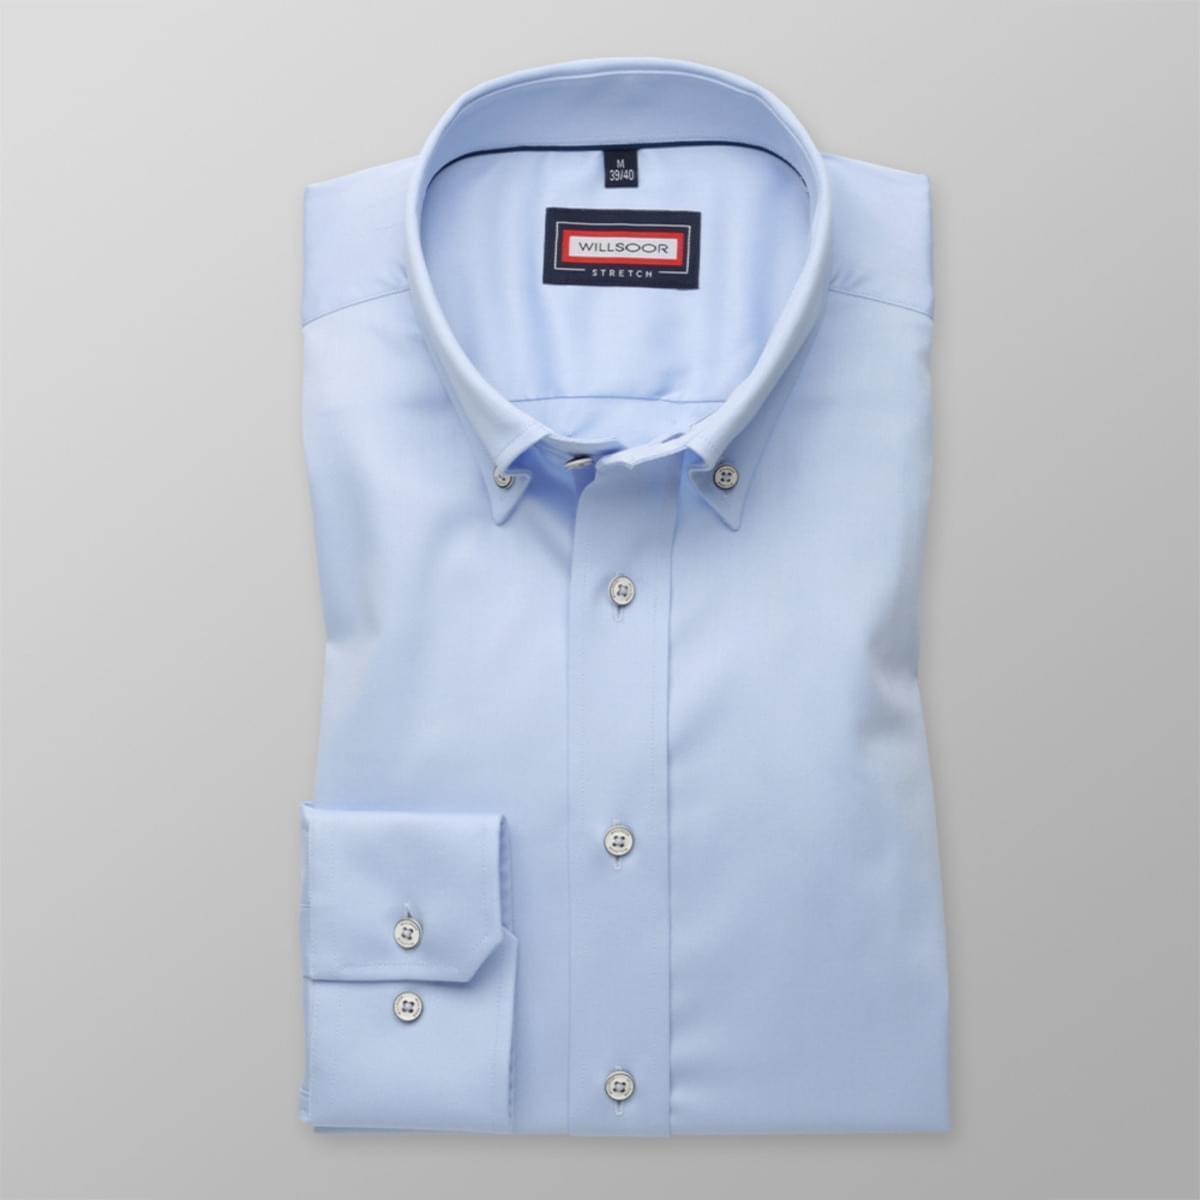 Pánska slim fit košele (všetky výšky) 7798 vo svetlo modré farbe s úpravou easy starostlivosť 164-170 / XL (43/44)